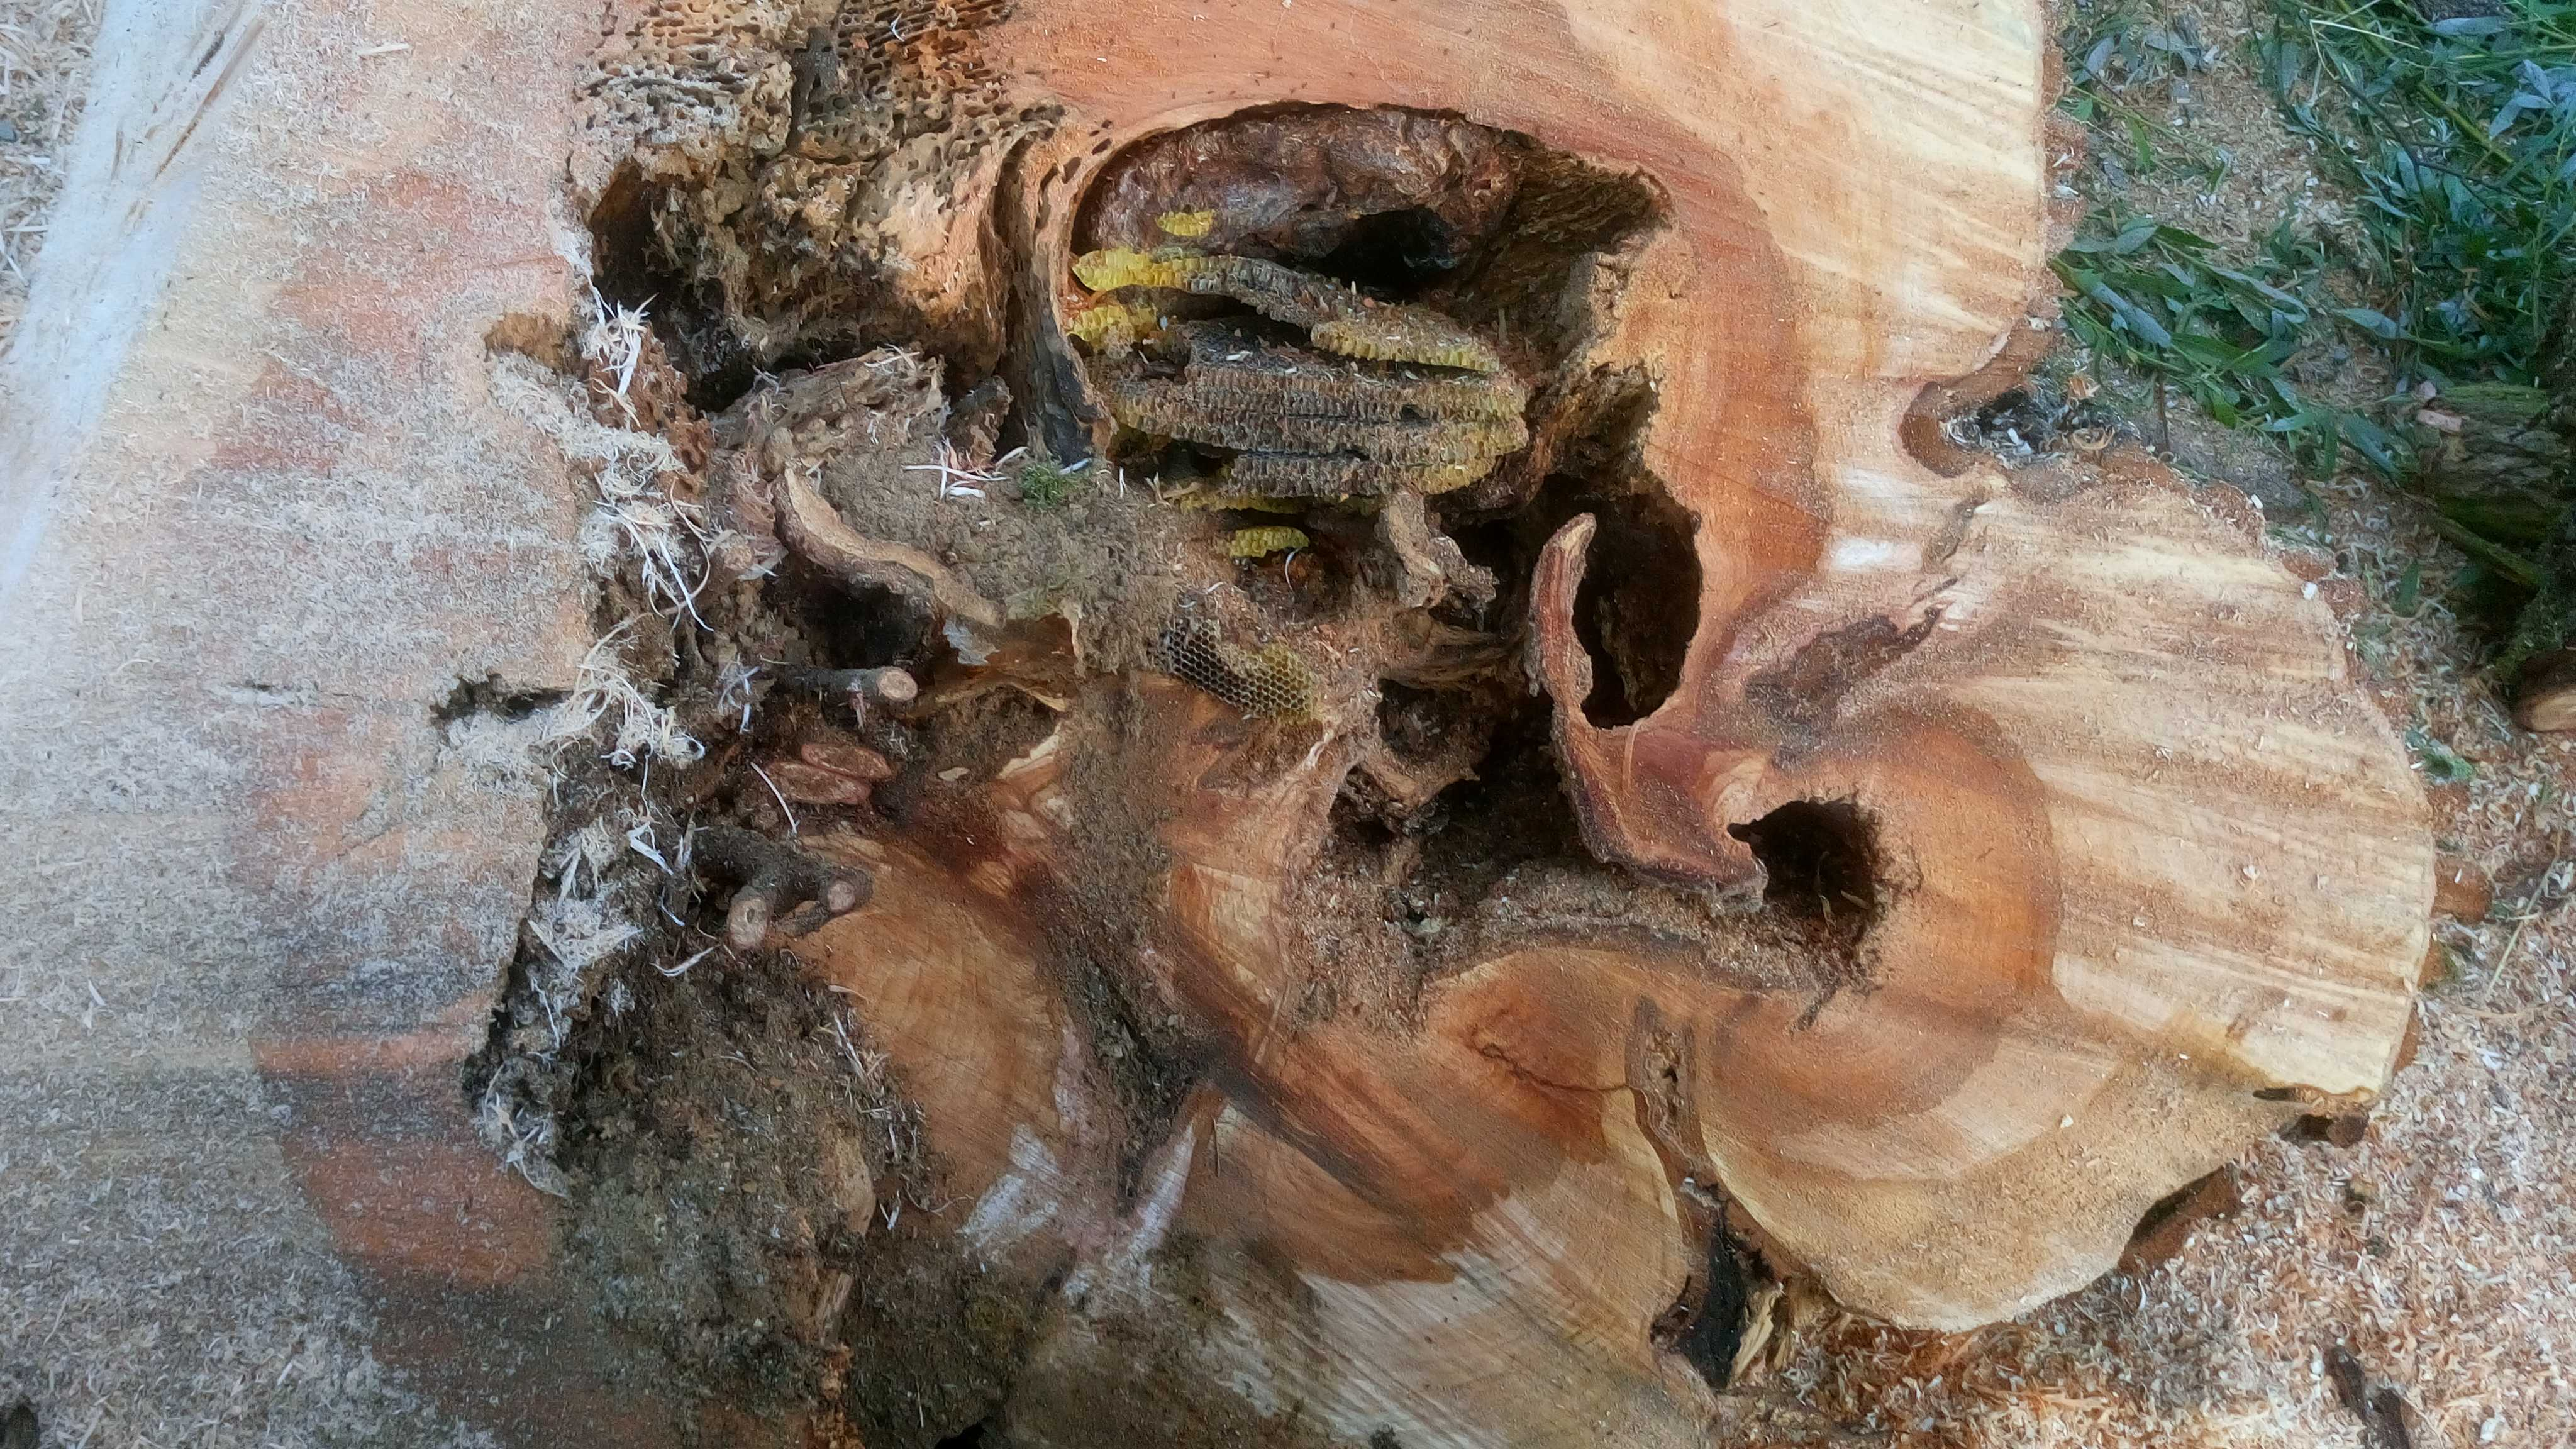 Bogactwo wnętrza - co kryją stare drzewa